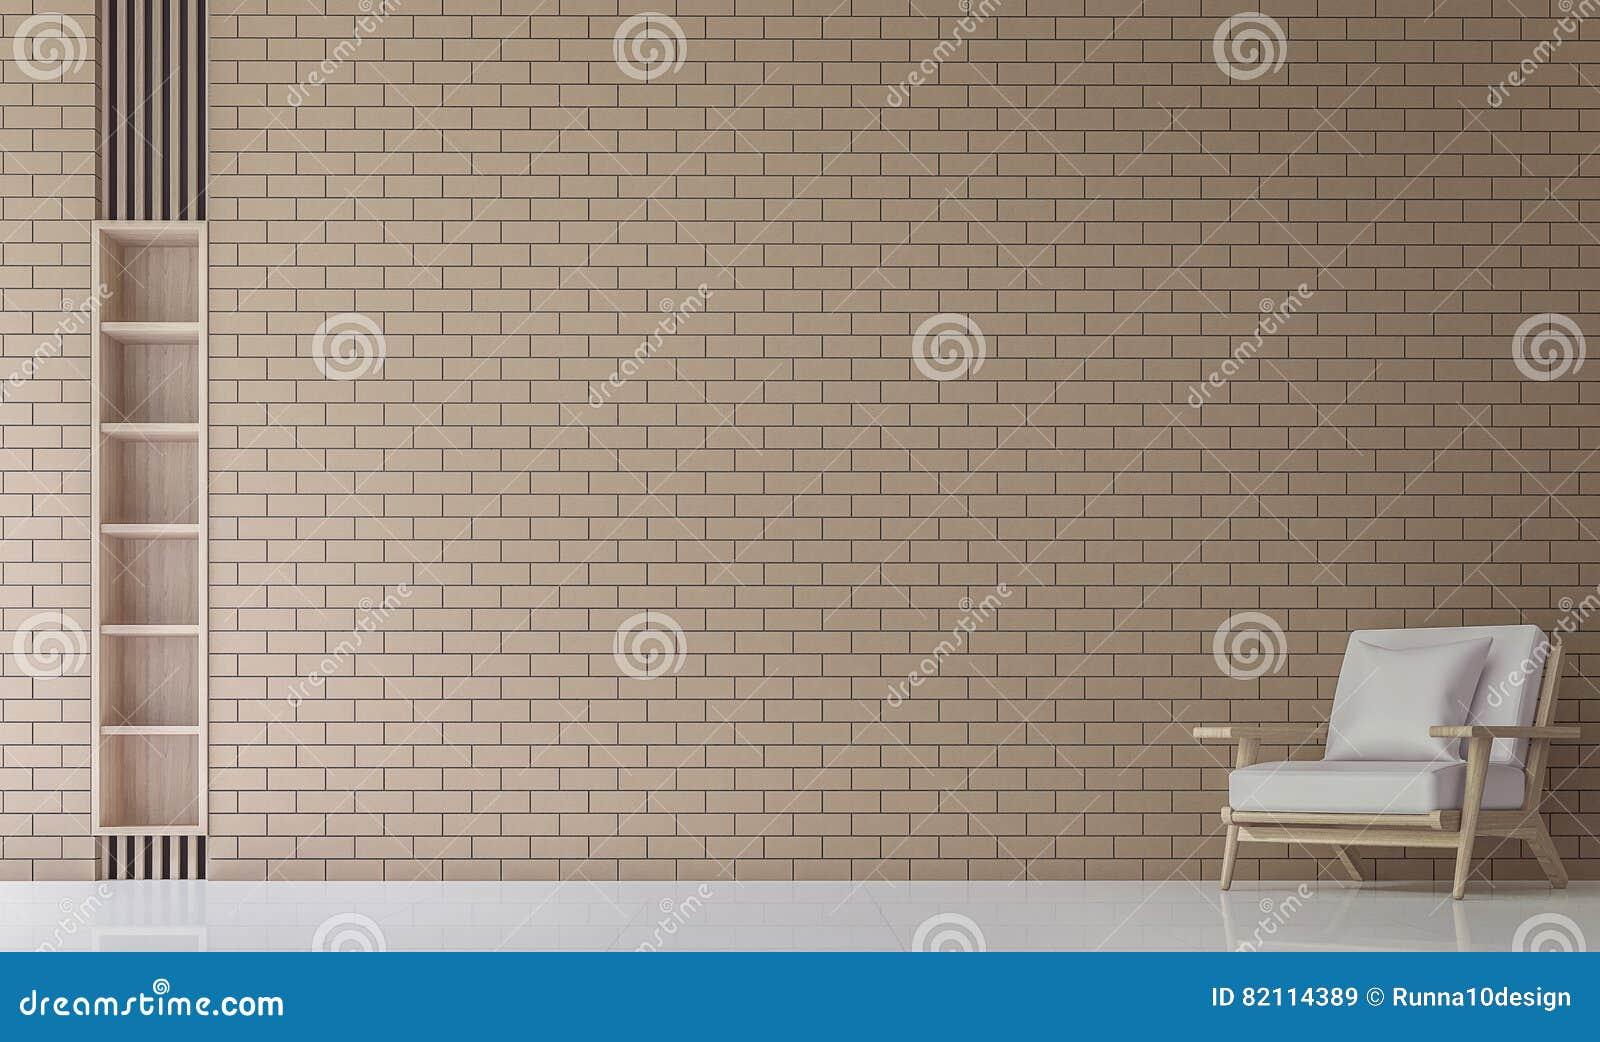 Koraalkleur De Woonkamer : De moderne woonkamer verfraait muur met d teruggevende beeld van